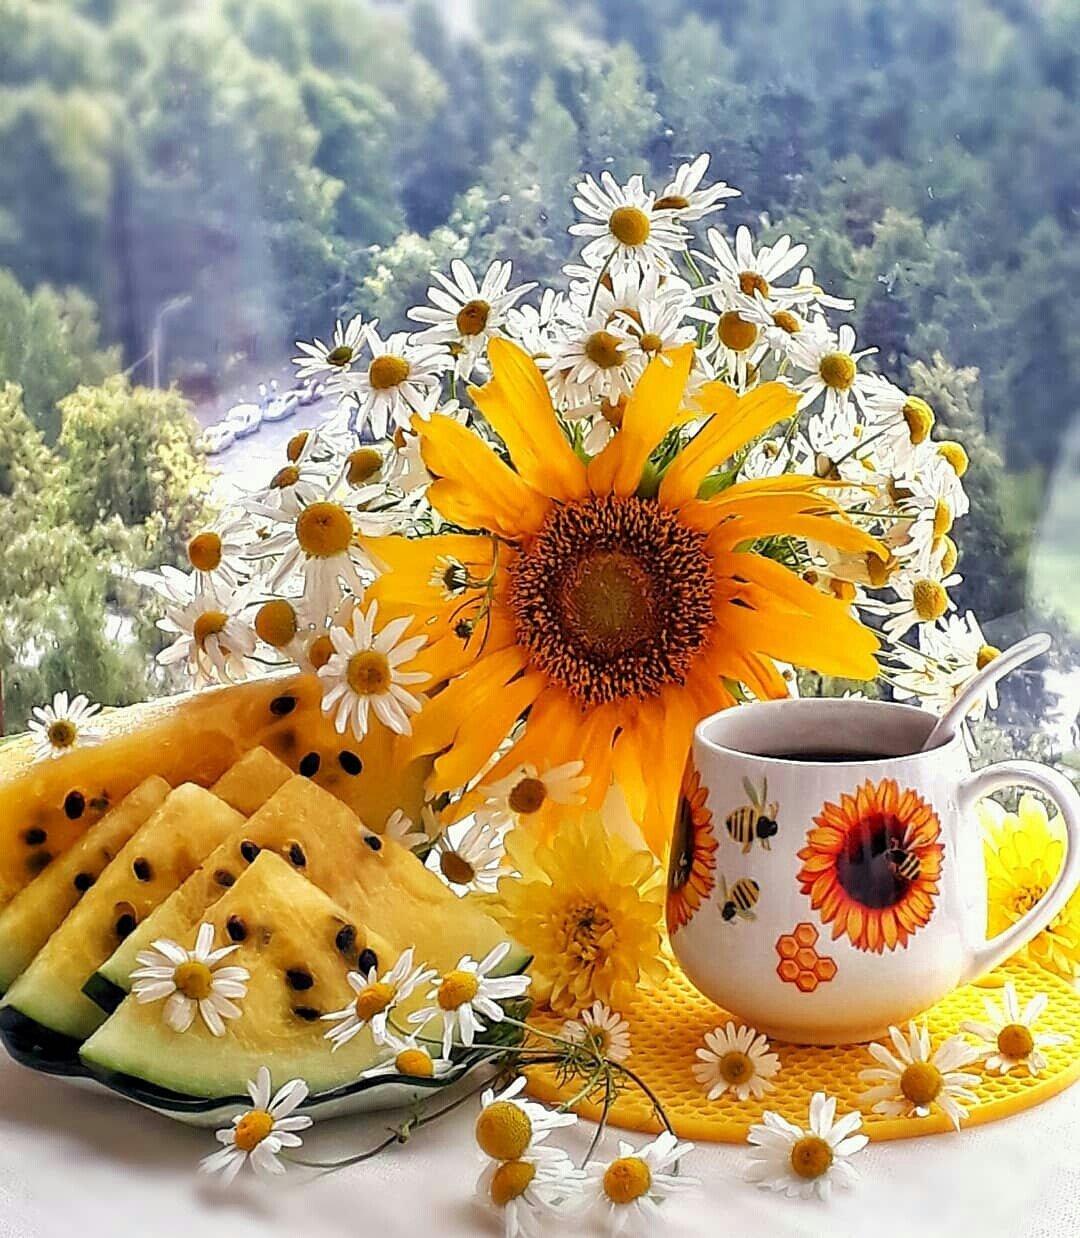 только с добрым утром картинки солнечного денька любителям отдыха